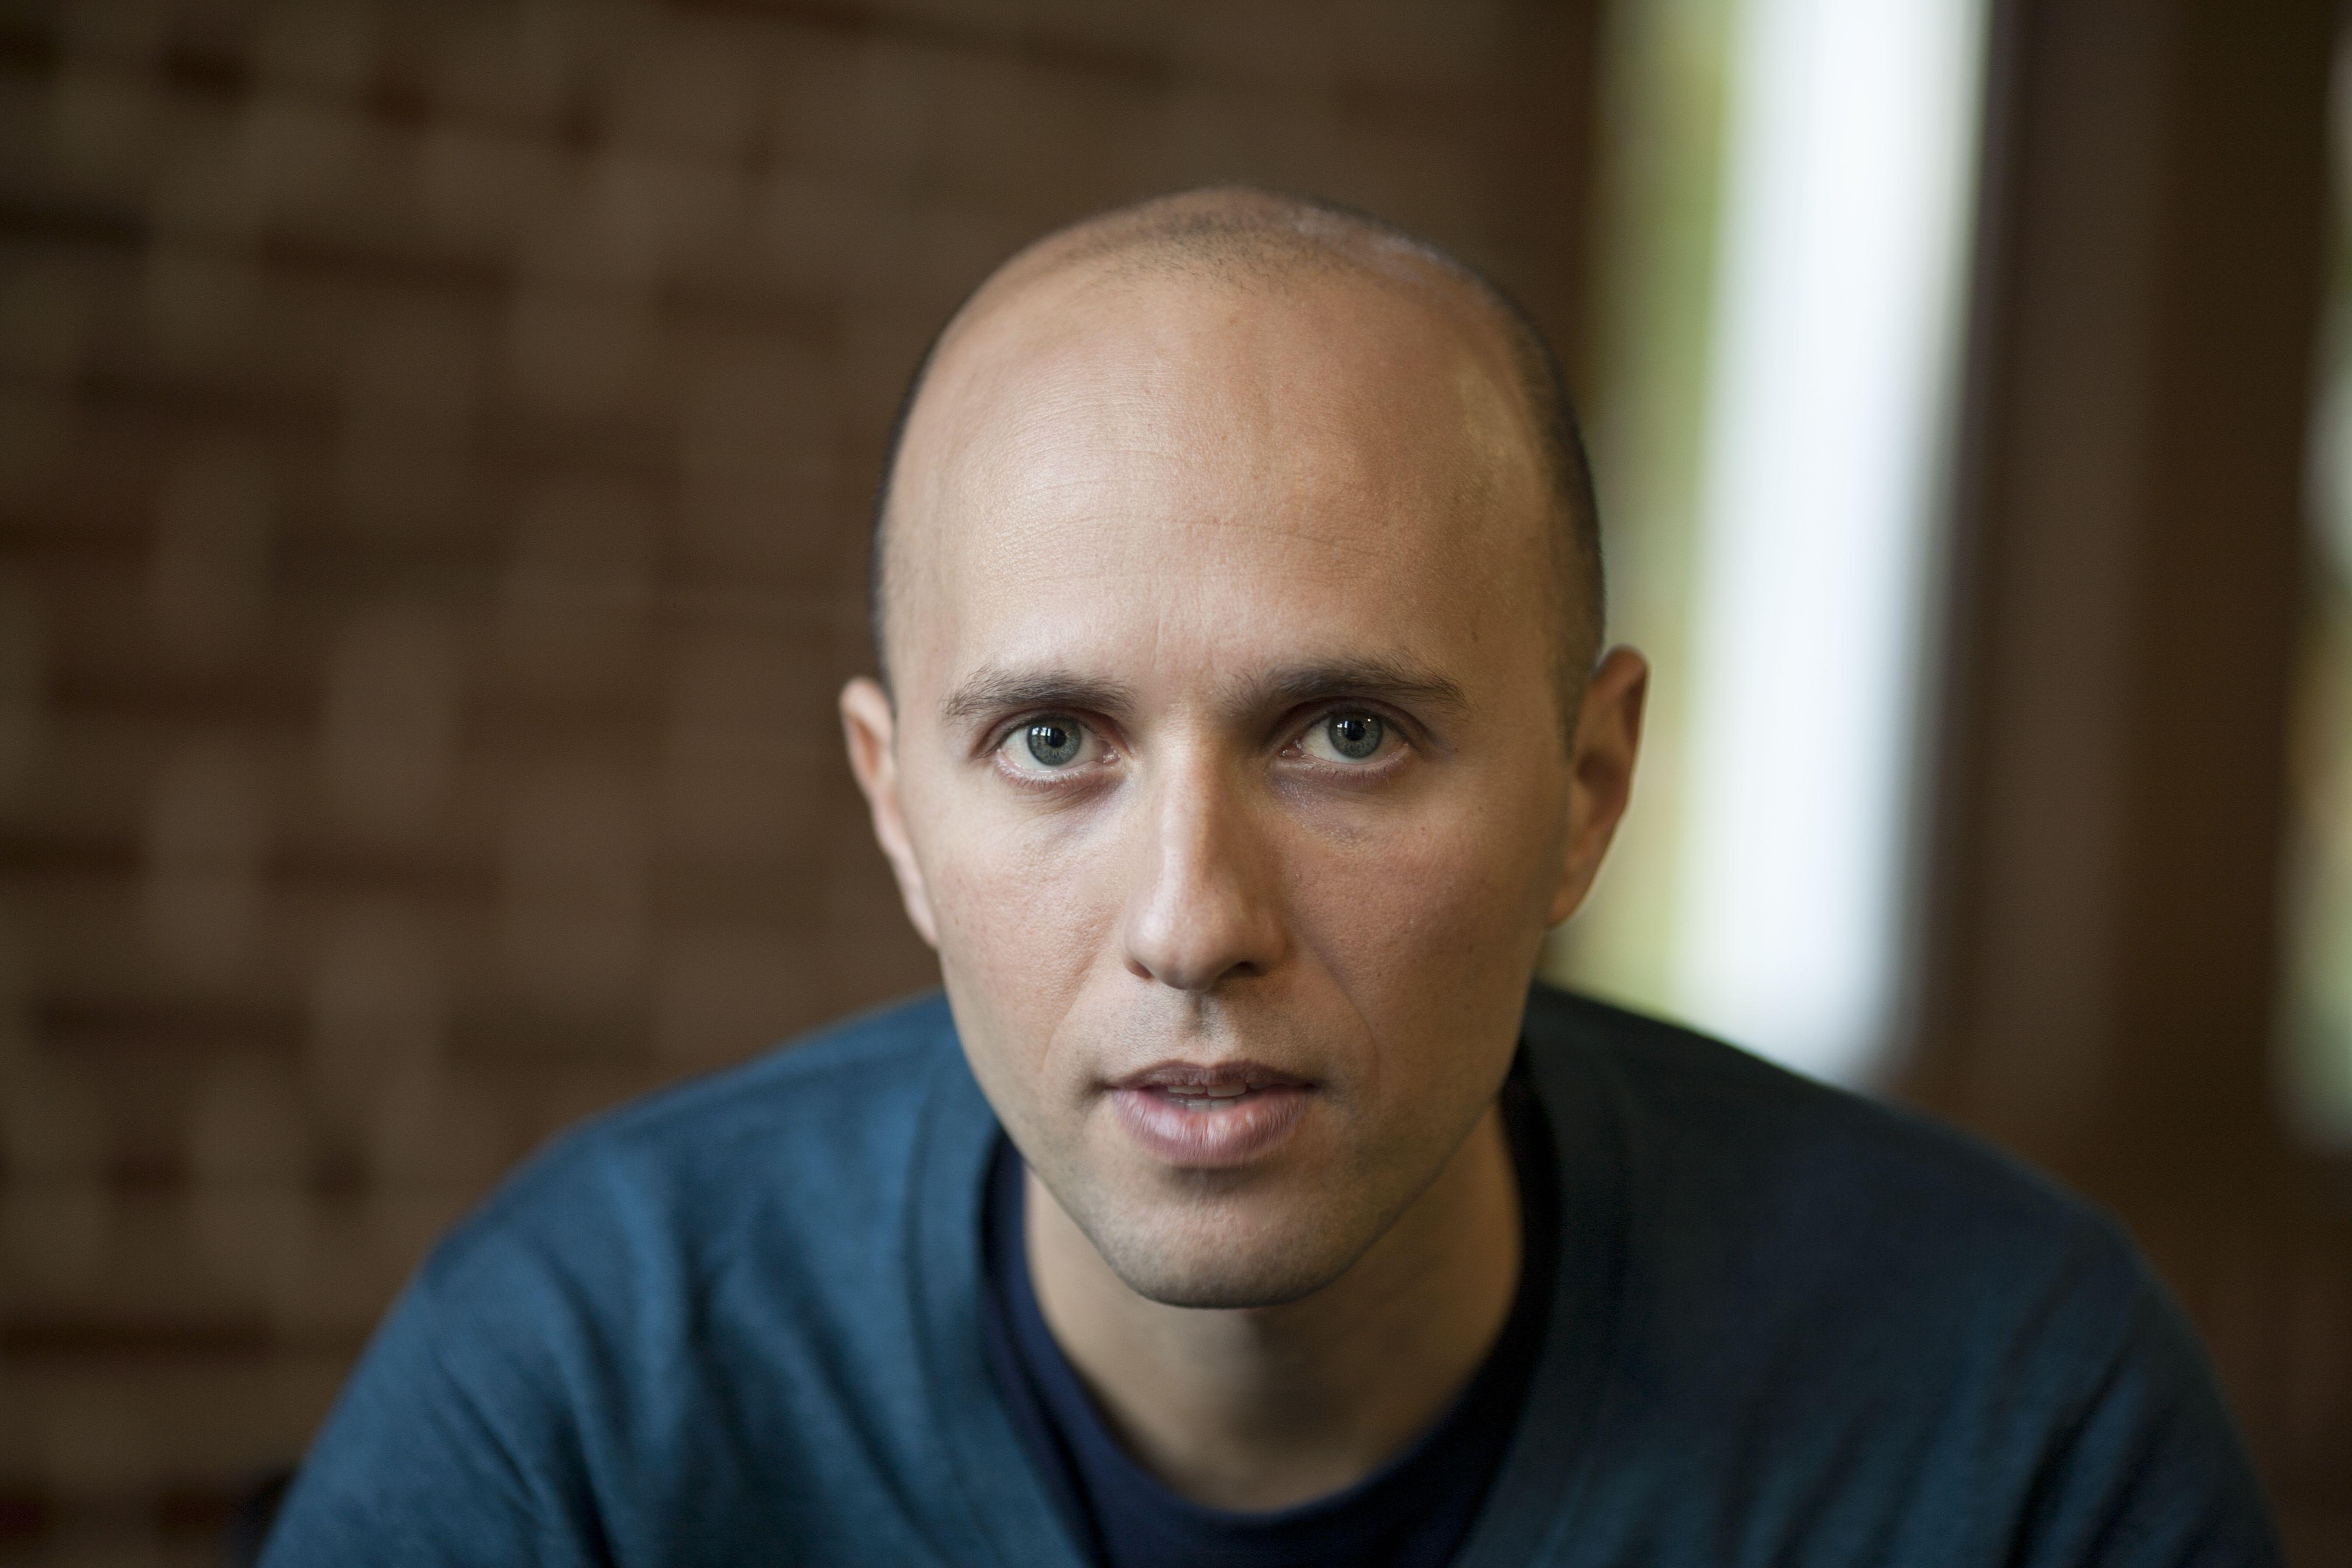 Septième lettre d'Israël: Entretien avec l'écrivain israélien Moshe Sakal, 1ère partie, par Chantal Ringuet  http://www.lindaleith.com/posts/view/227